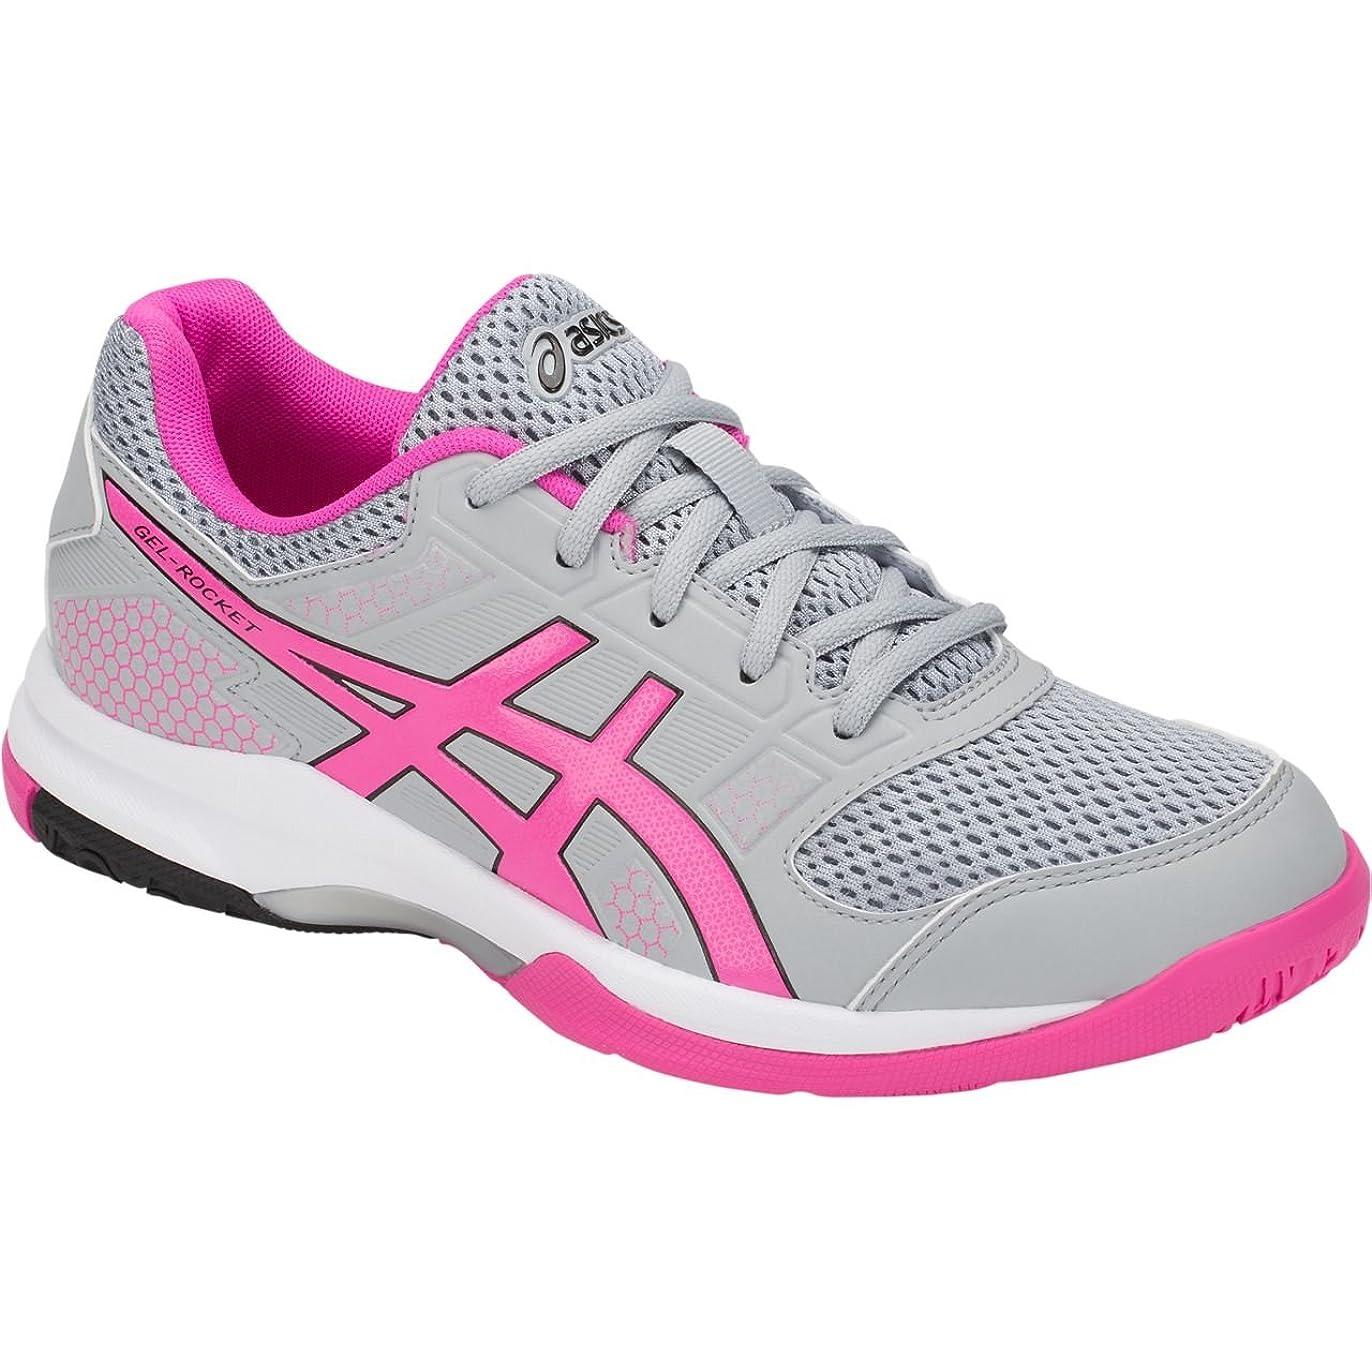 ベックスアボートラベル[アシックス] レディース 女性用 シューズ 靴 スニーカー 運動靴 Gel-Rocket 8 - Mid Grey/Pink Glo [並行輸入品]